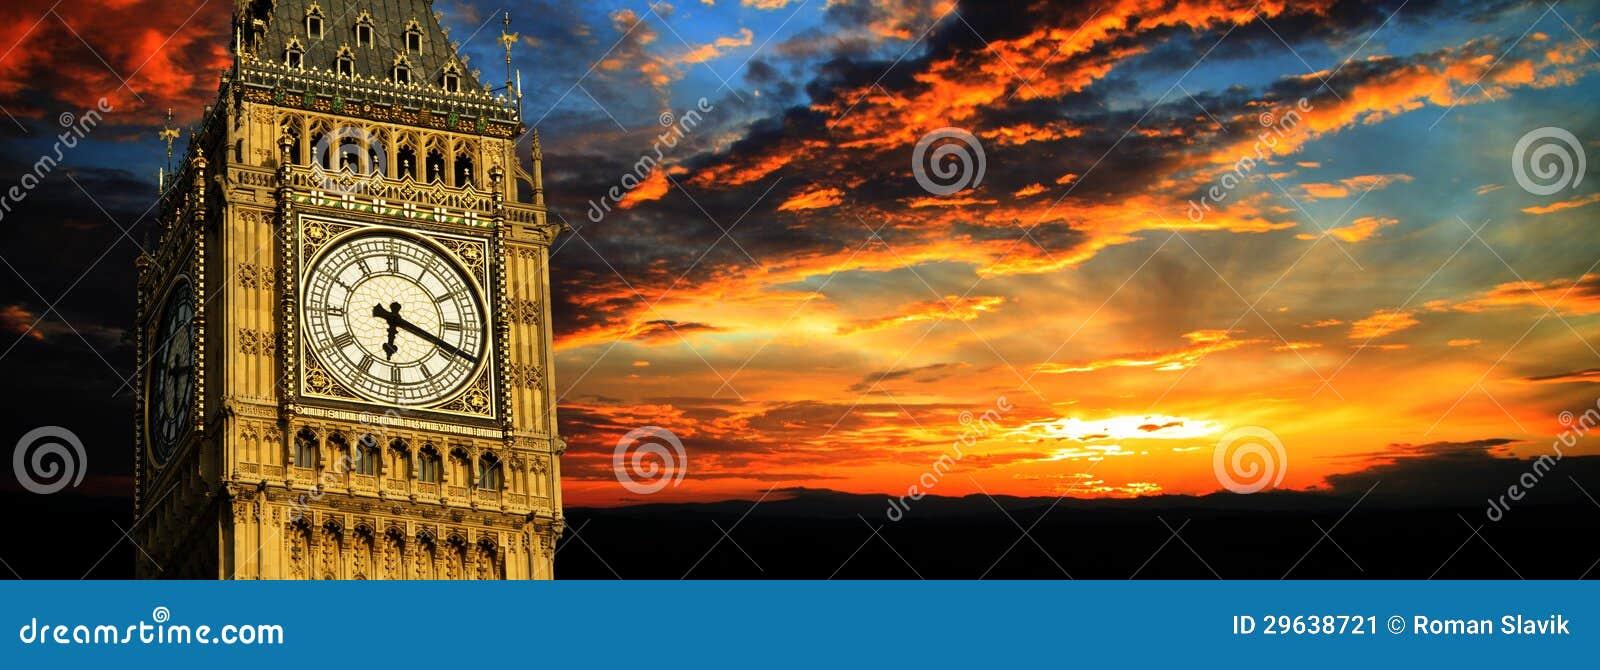 Download Big Ben At Sunset Panorama, London Stock Image - Image of british, english: 29638721